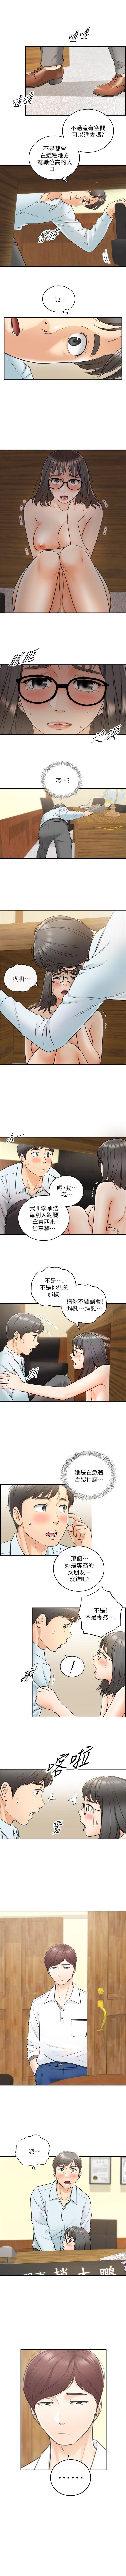 (周5)正妹小主管 1-26 中文翻译(更新中) 97